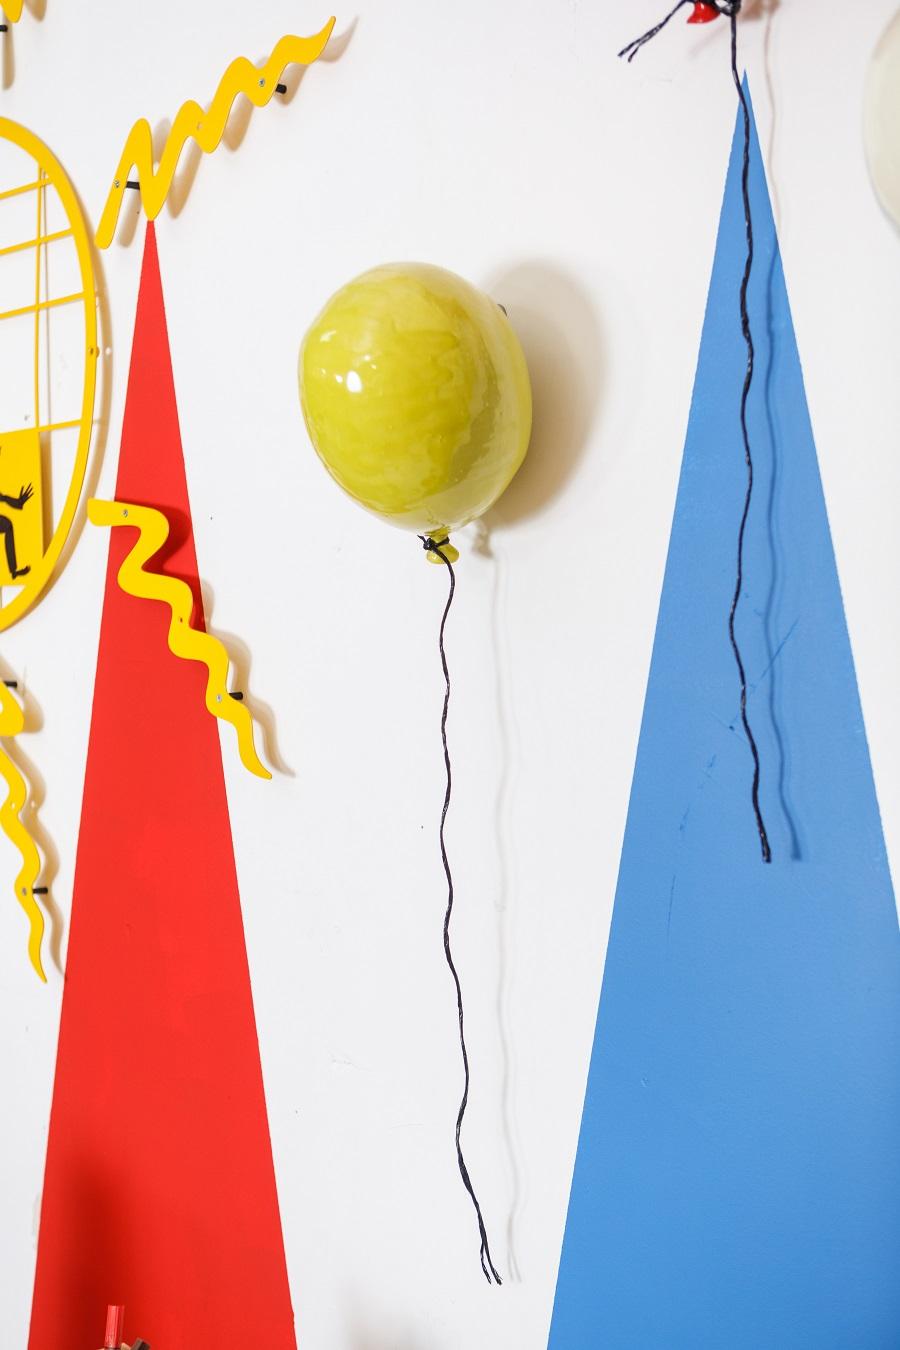 פינת הלימודים של לילך הלוי | צילום אורית ארנון